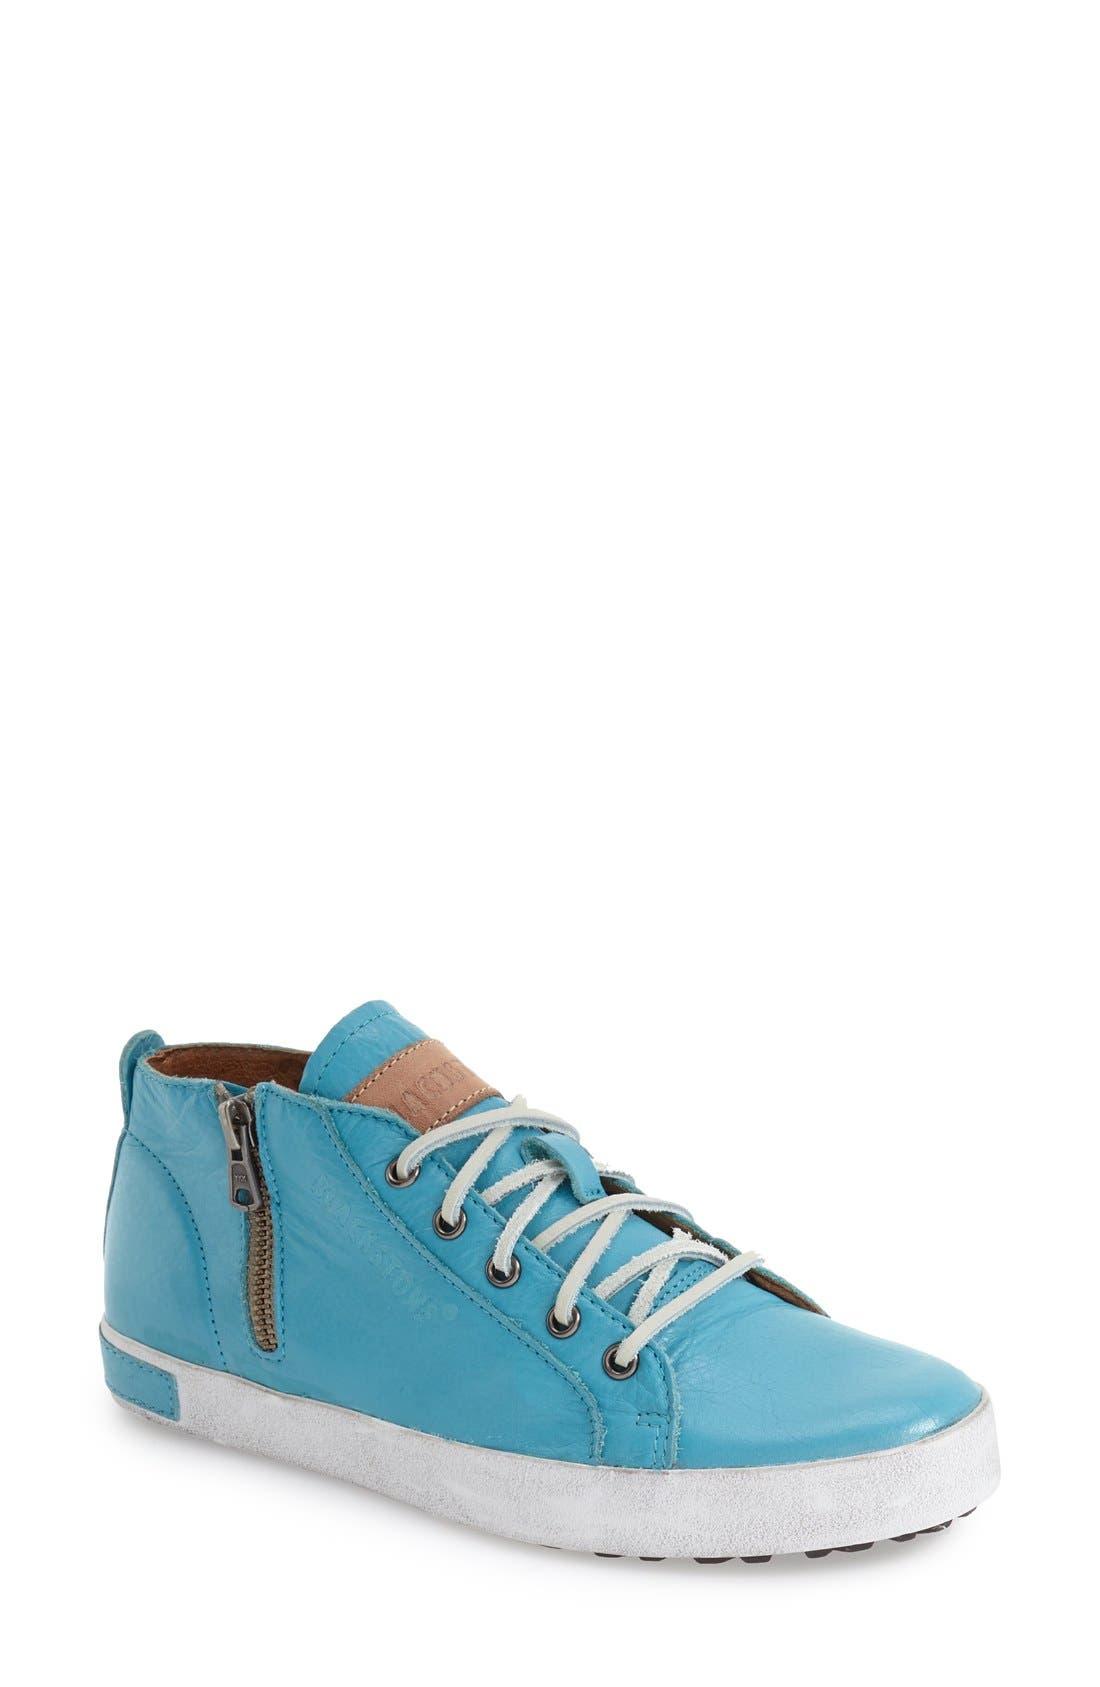 'JL24' Sneaker,                         Main,                         color, Laguna Leather